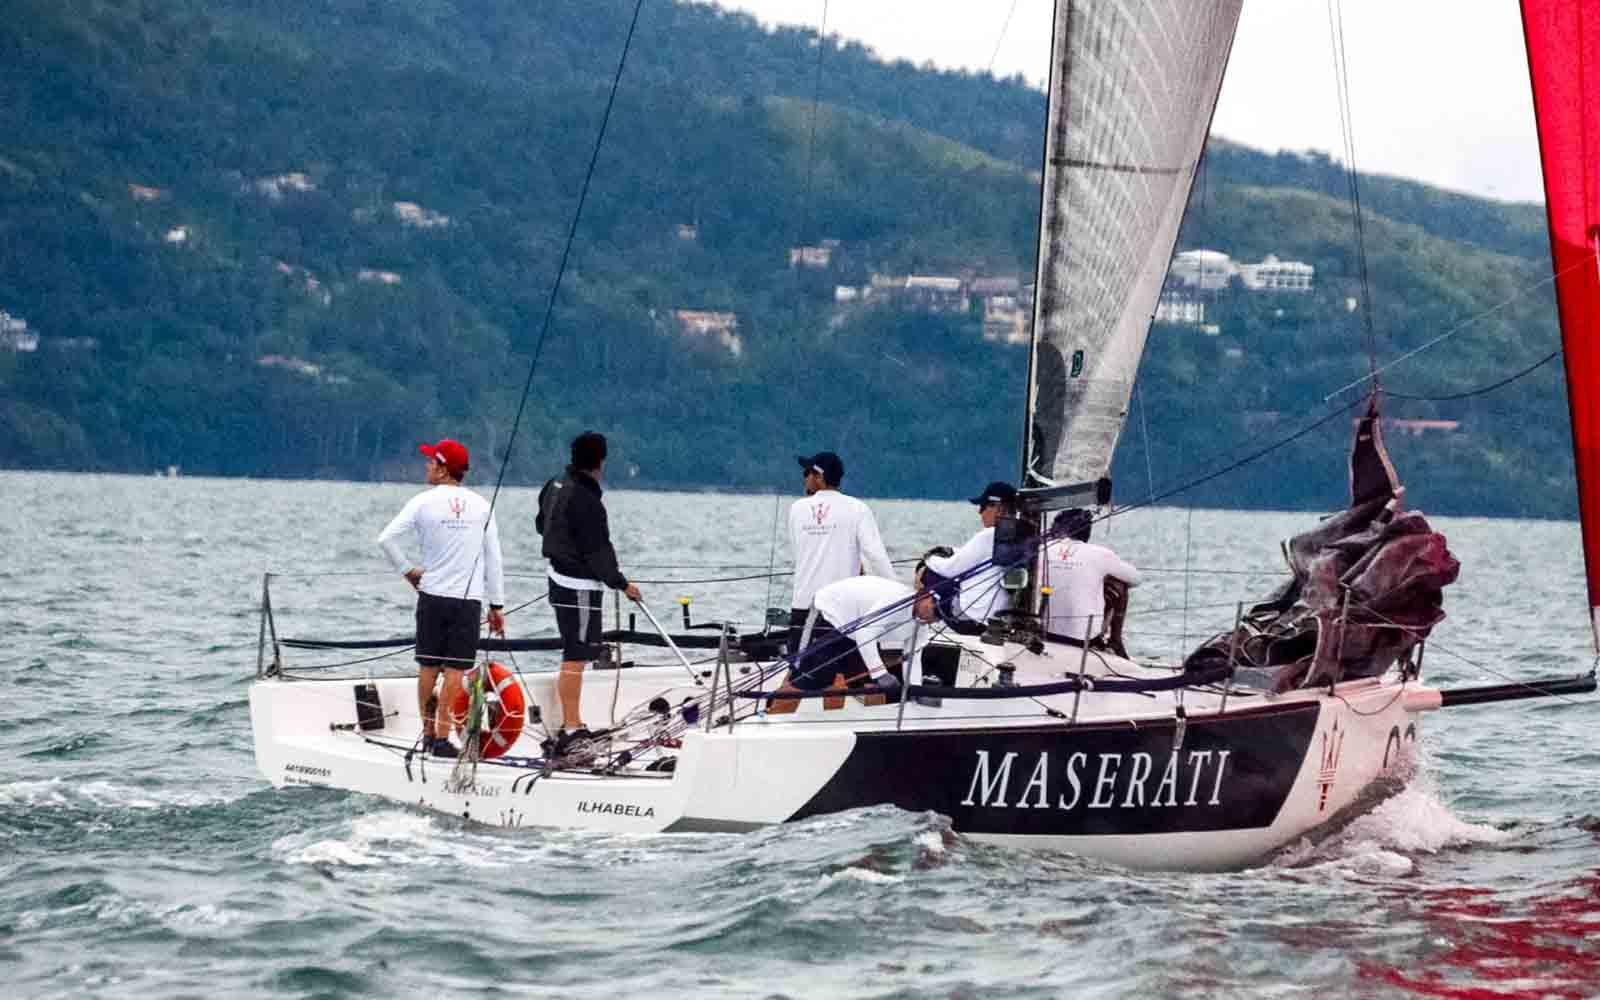 katana regata ilhabela - boat shopping